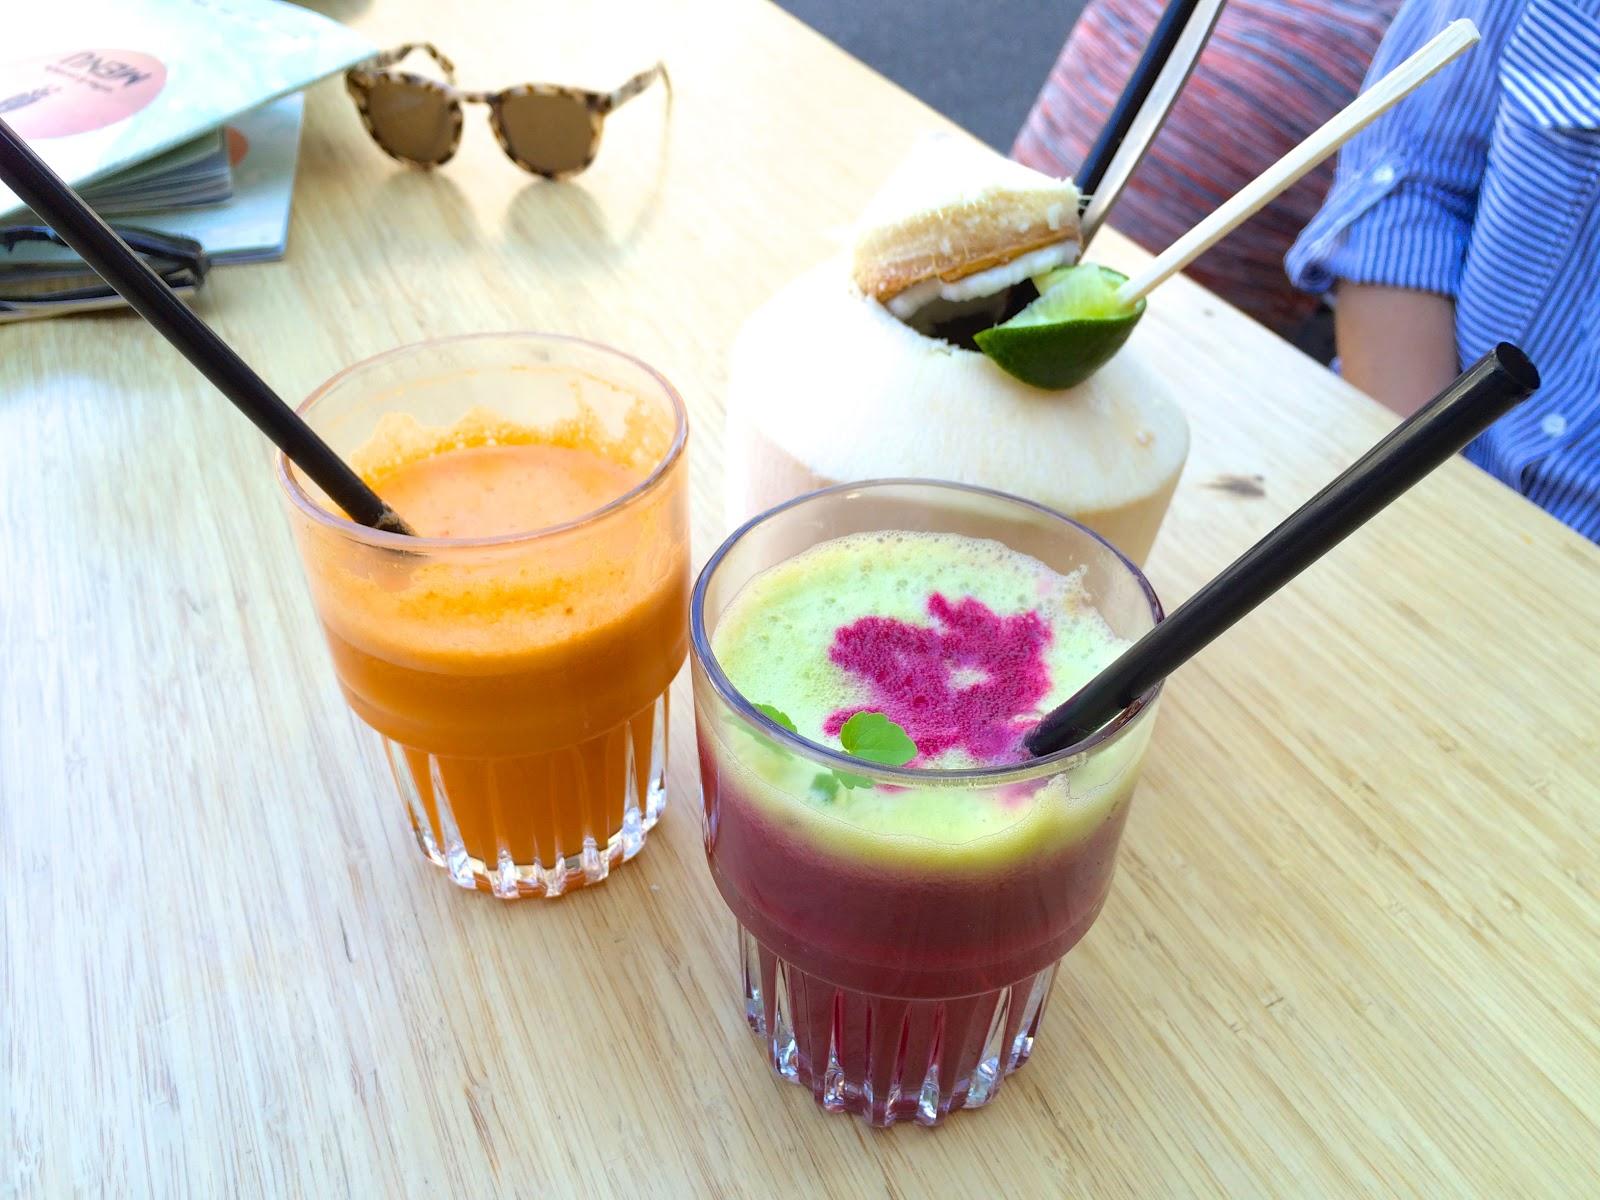 CT Coffee & Coconuts Amsterdam Hotspot Guide